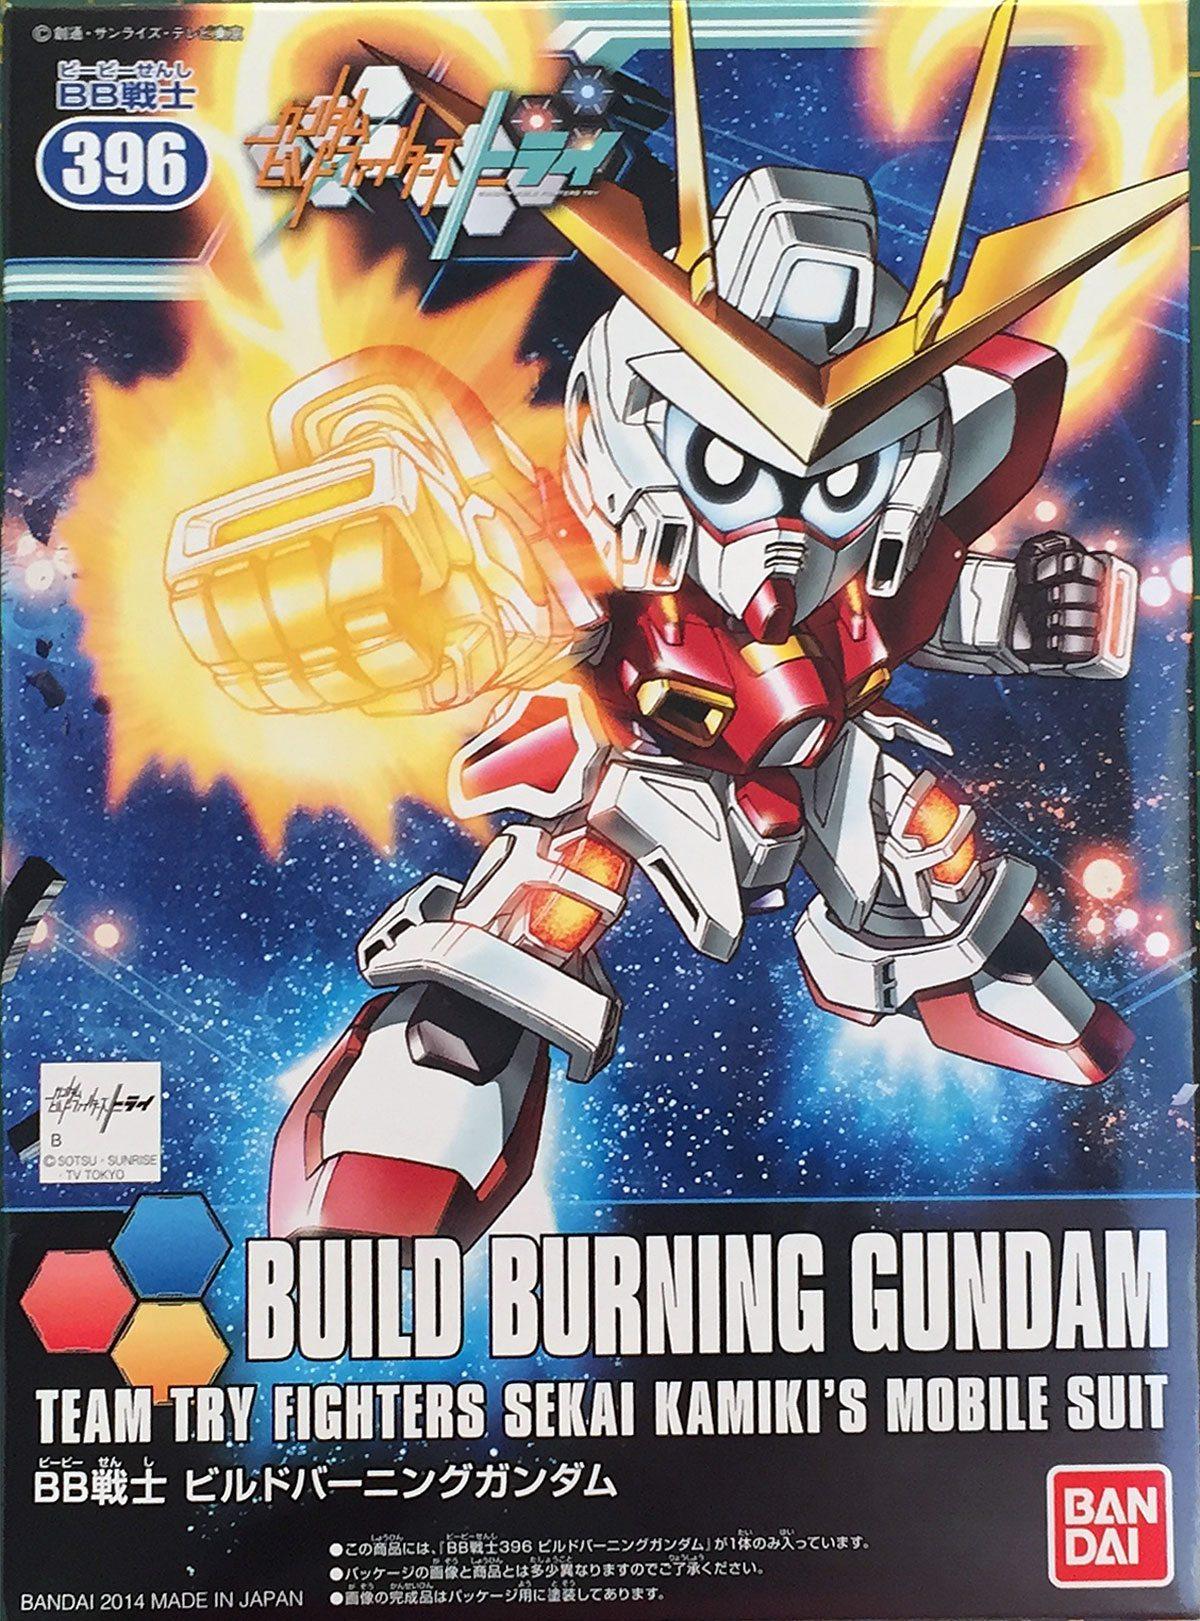 Gundam-396